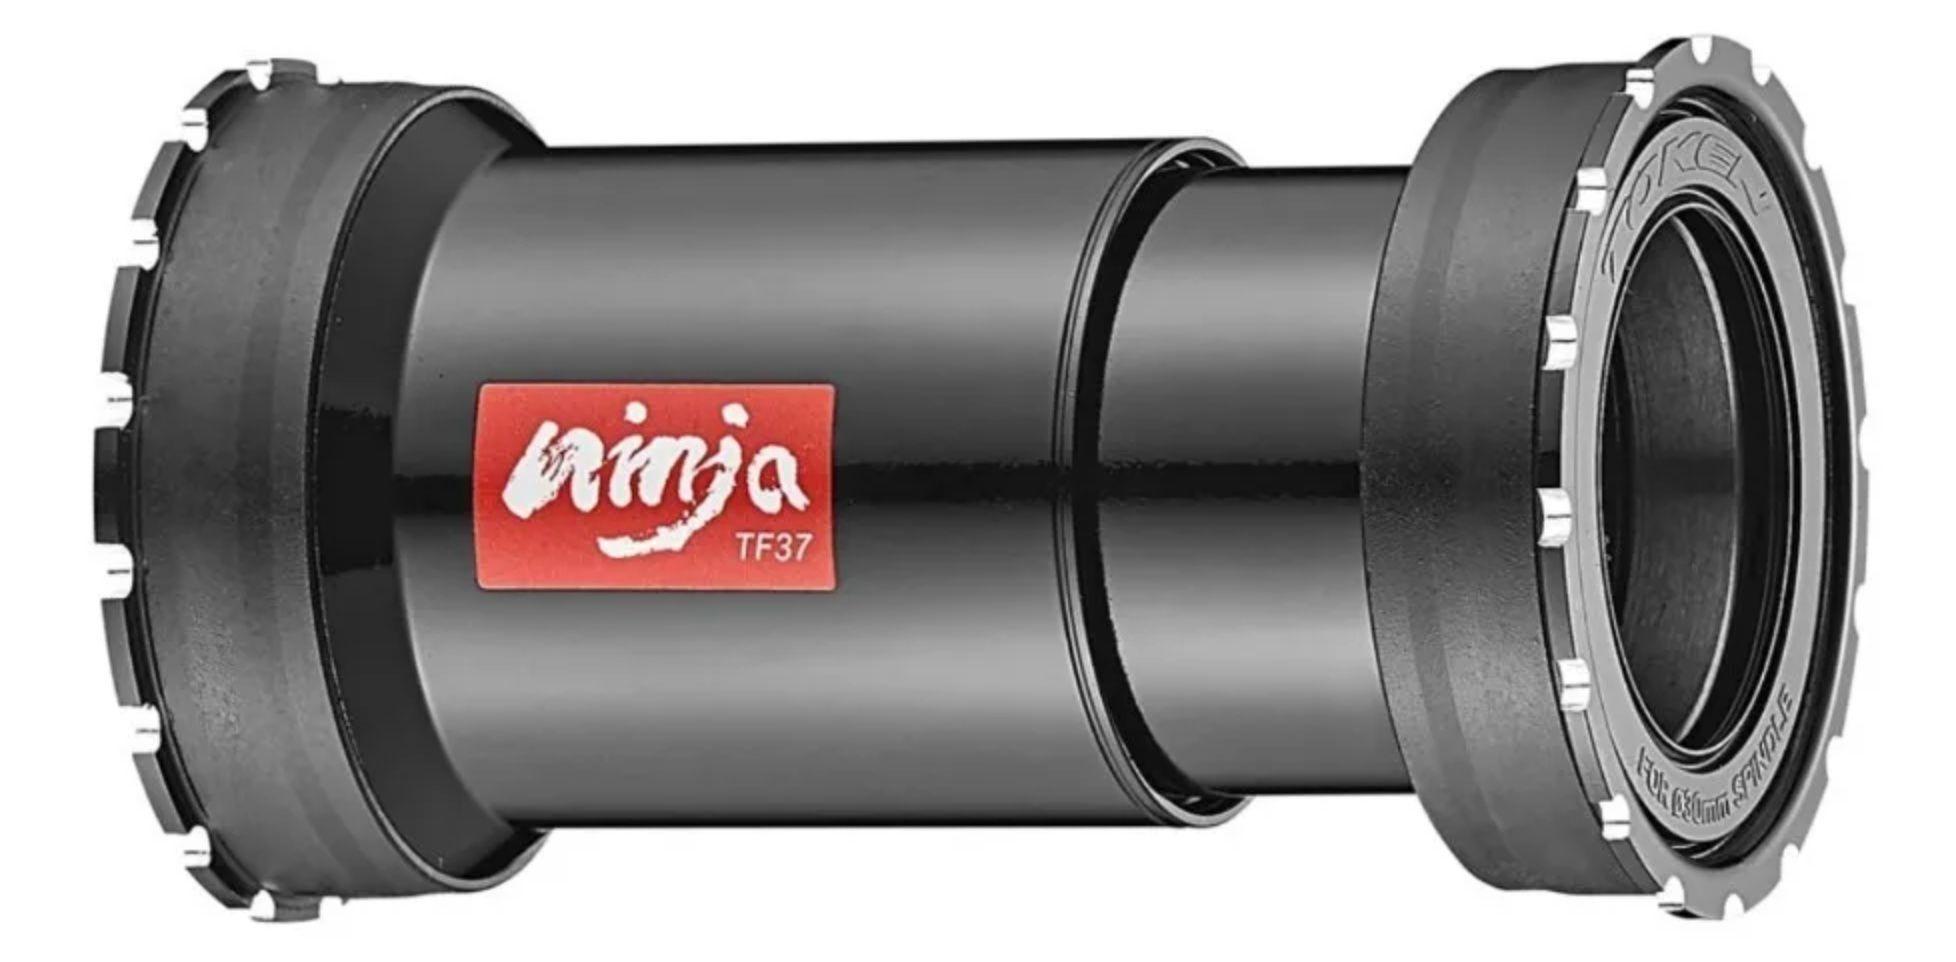 Movimento Central Token Ninja Pf30 Para Pedivelas Bb30 30mm